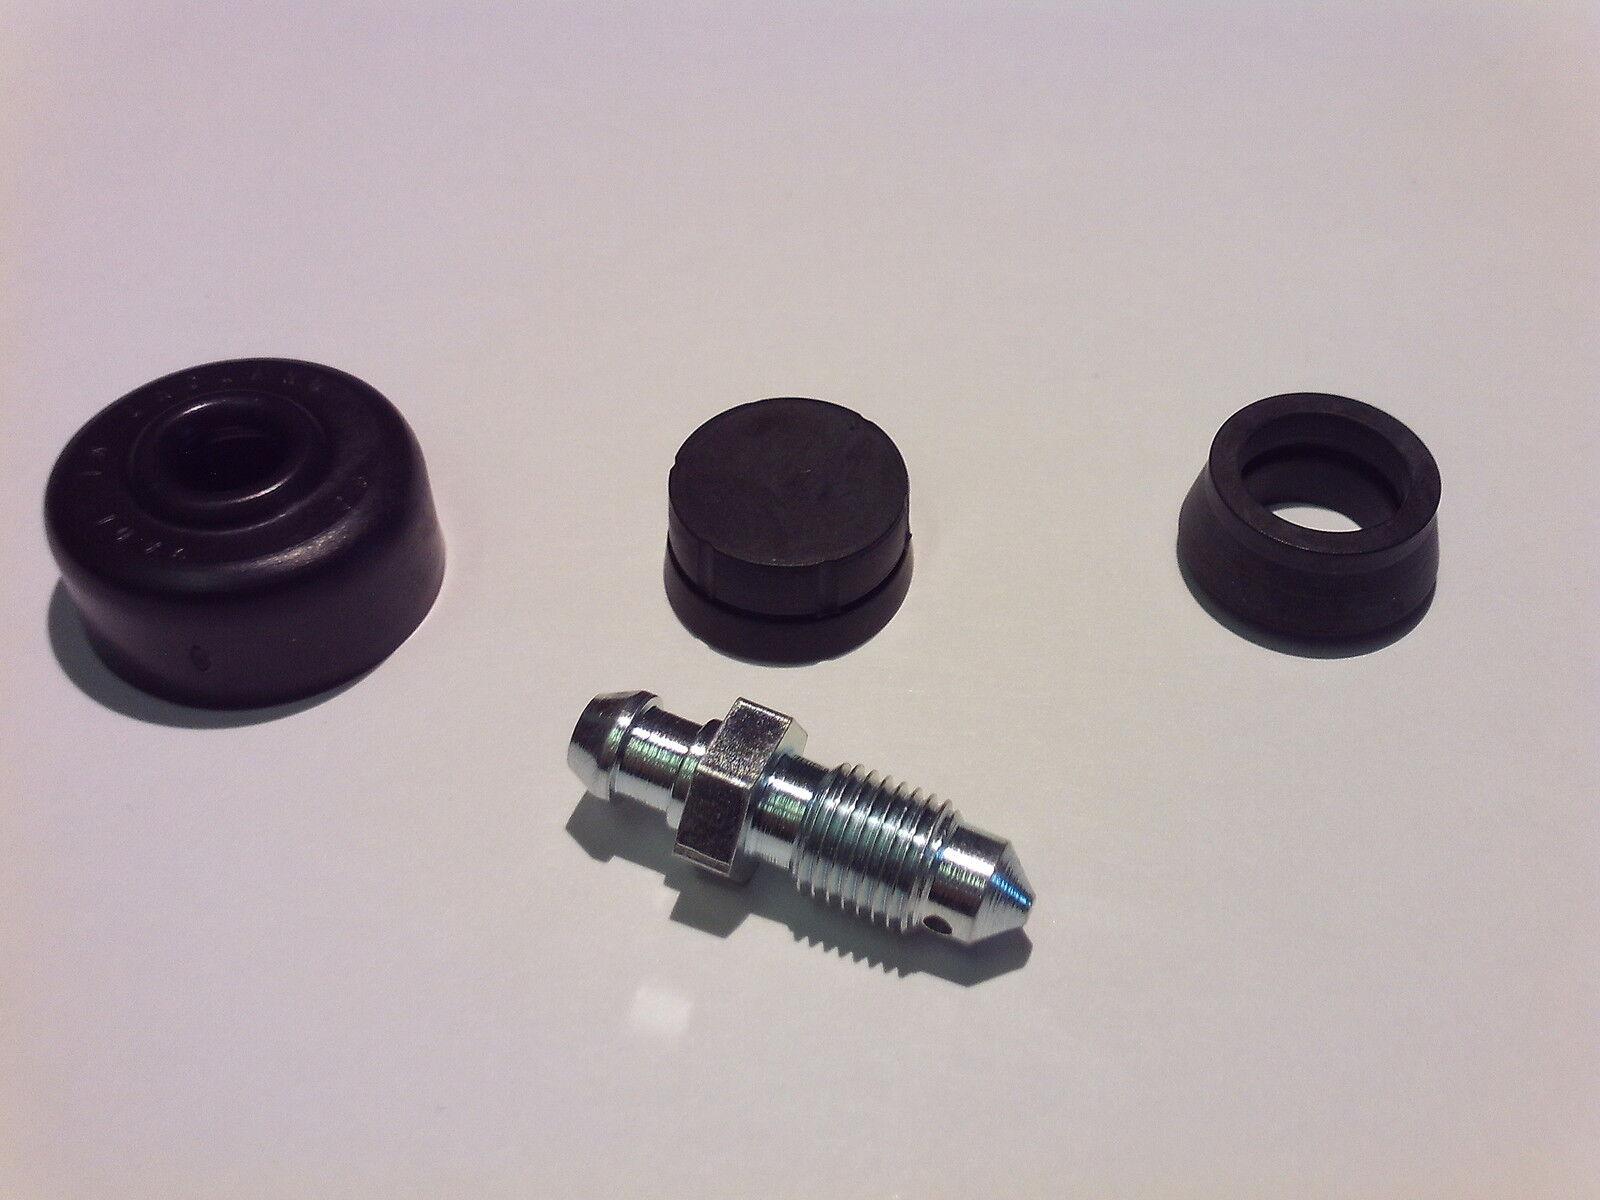 LUK 622314733 Kit Embrayage Repset Pro